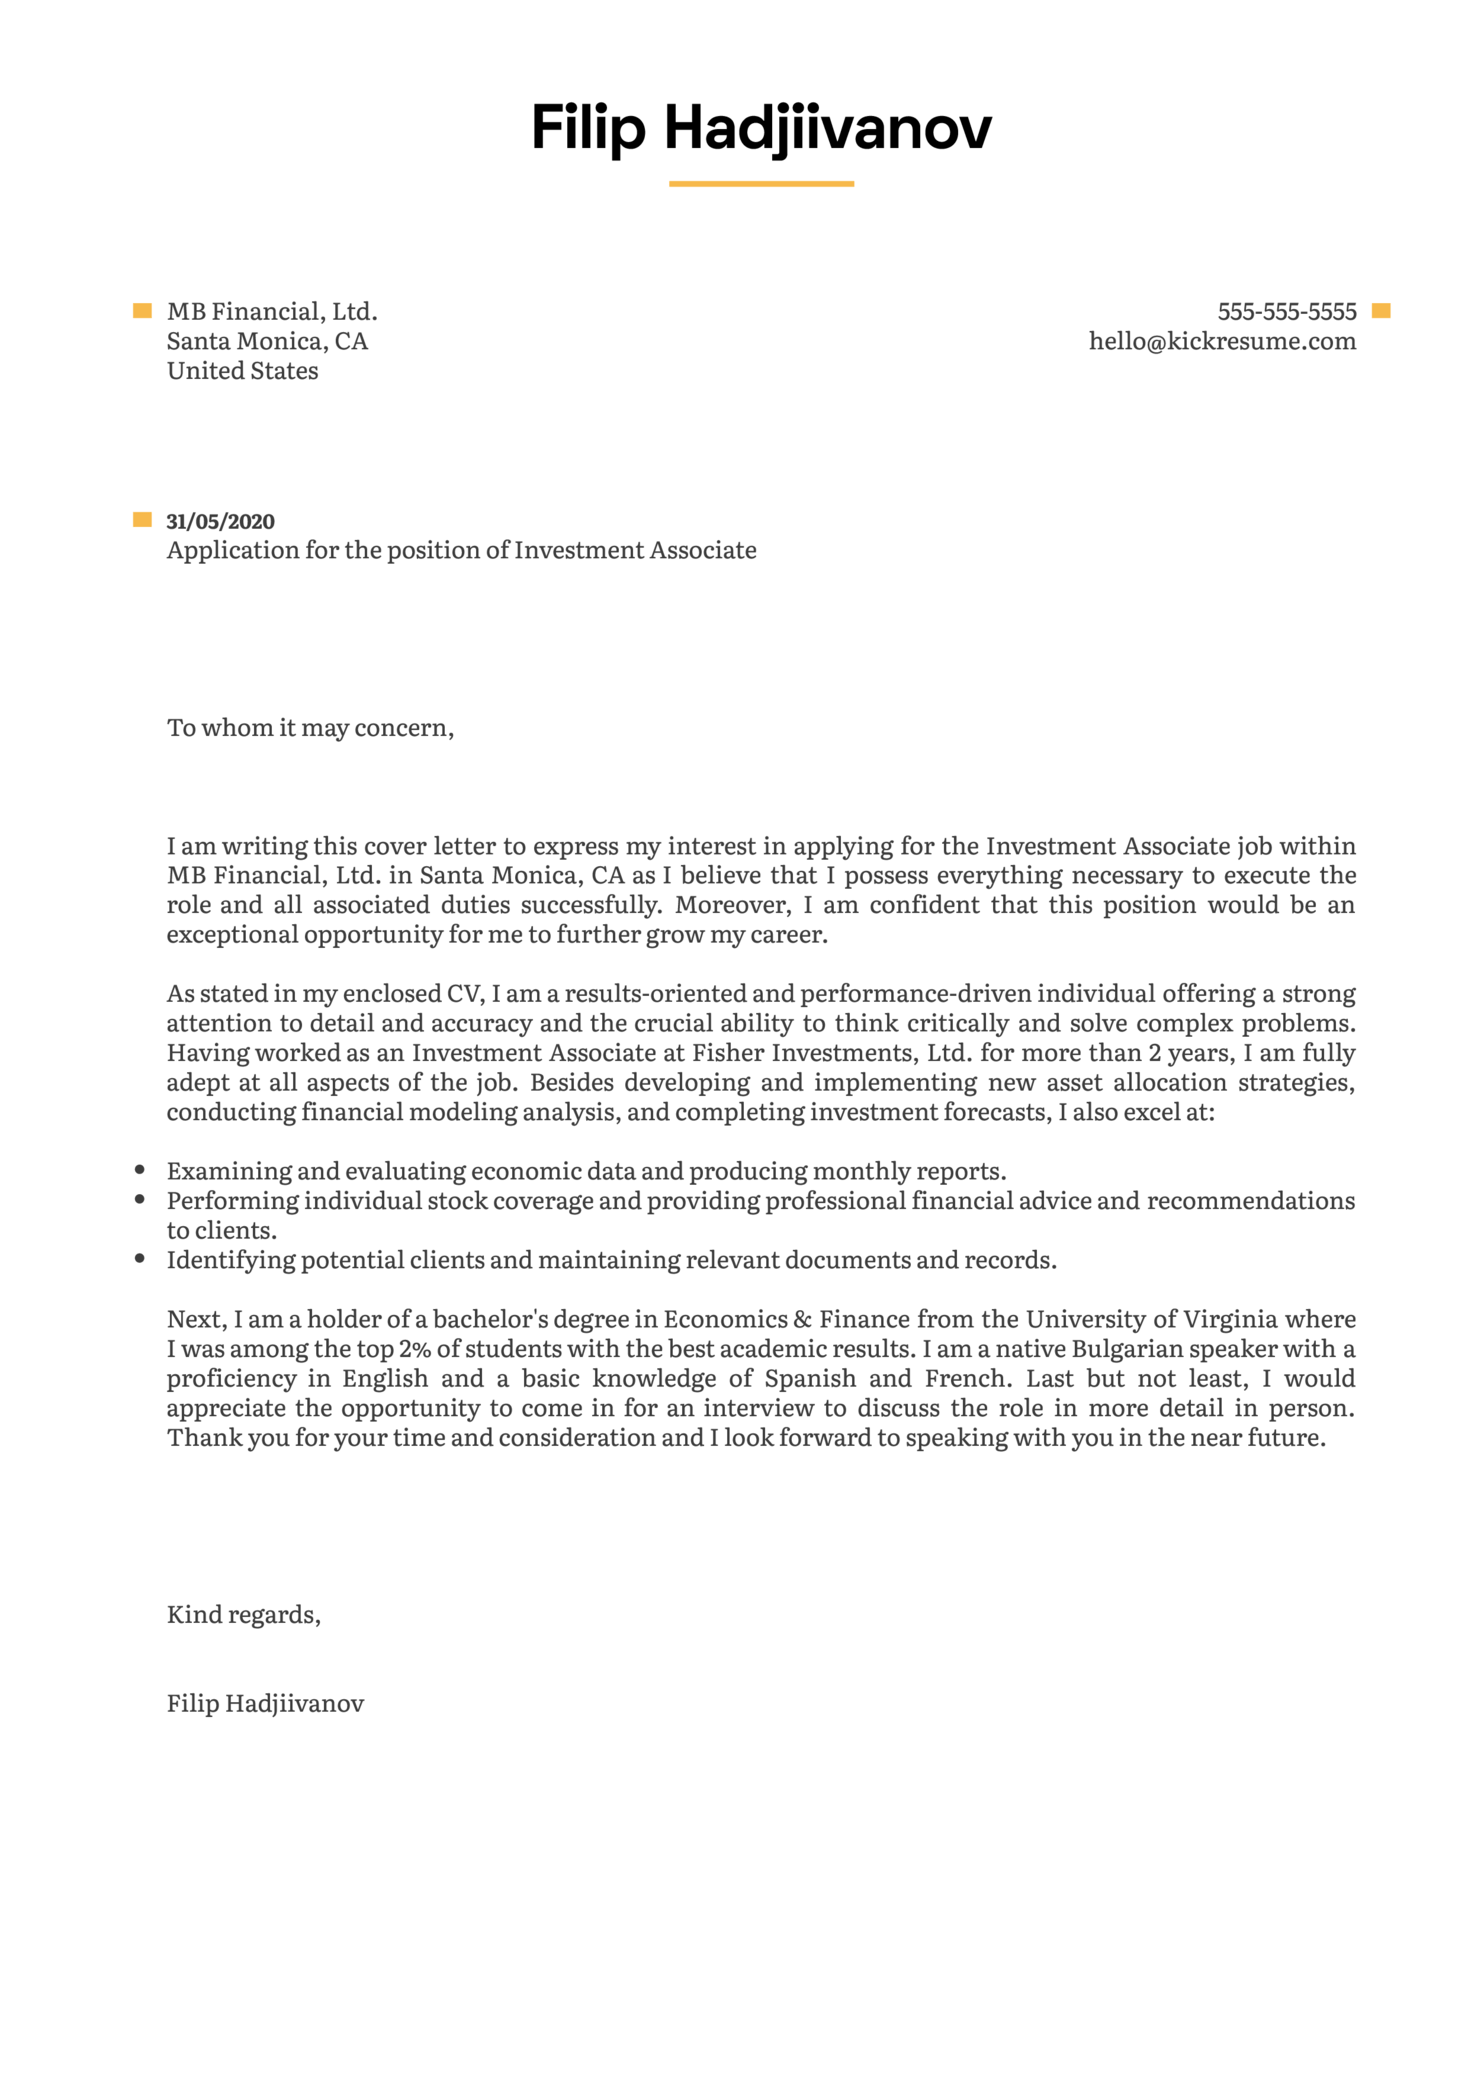 Investment Associate Cover Letter Example Kickresume